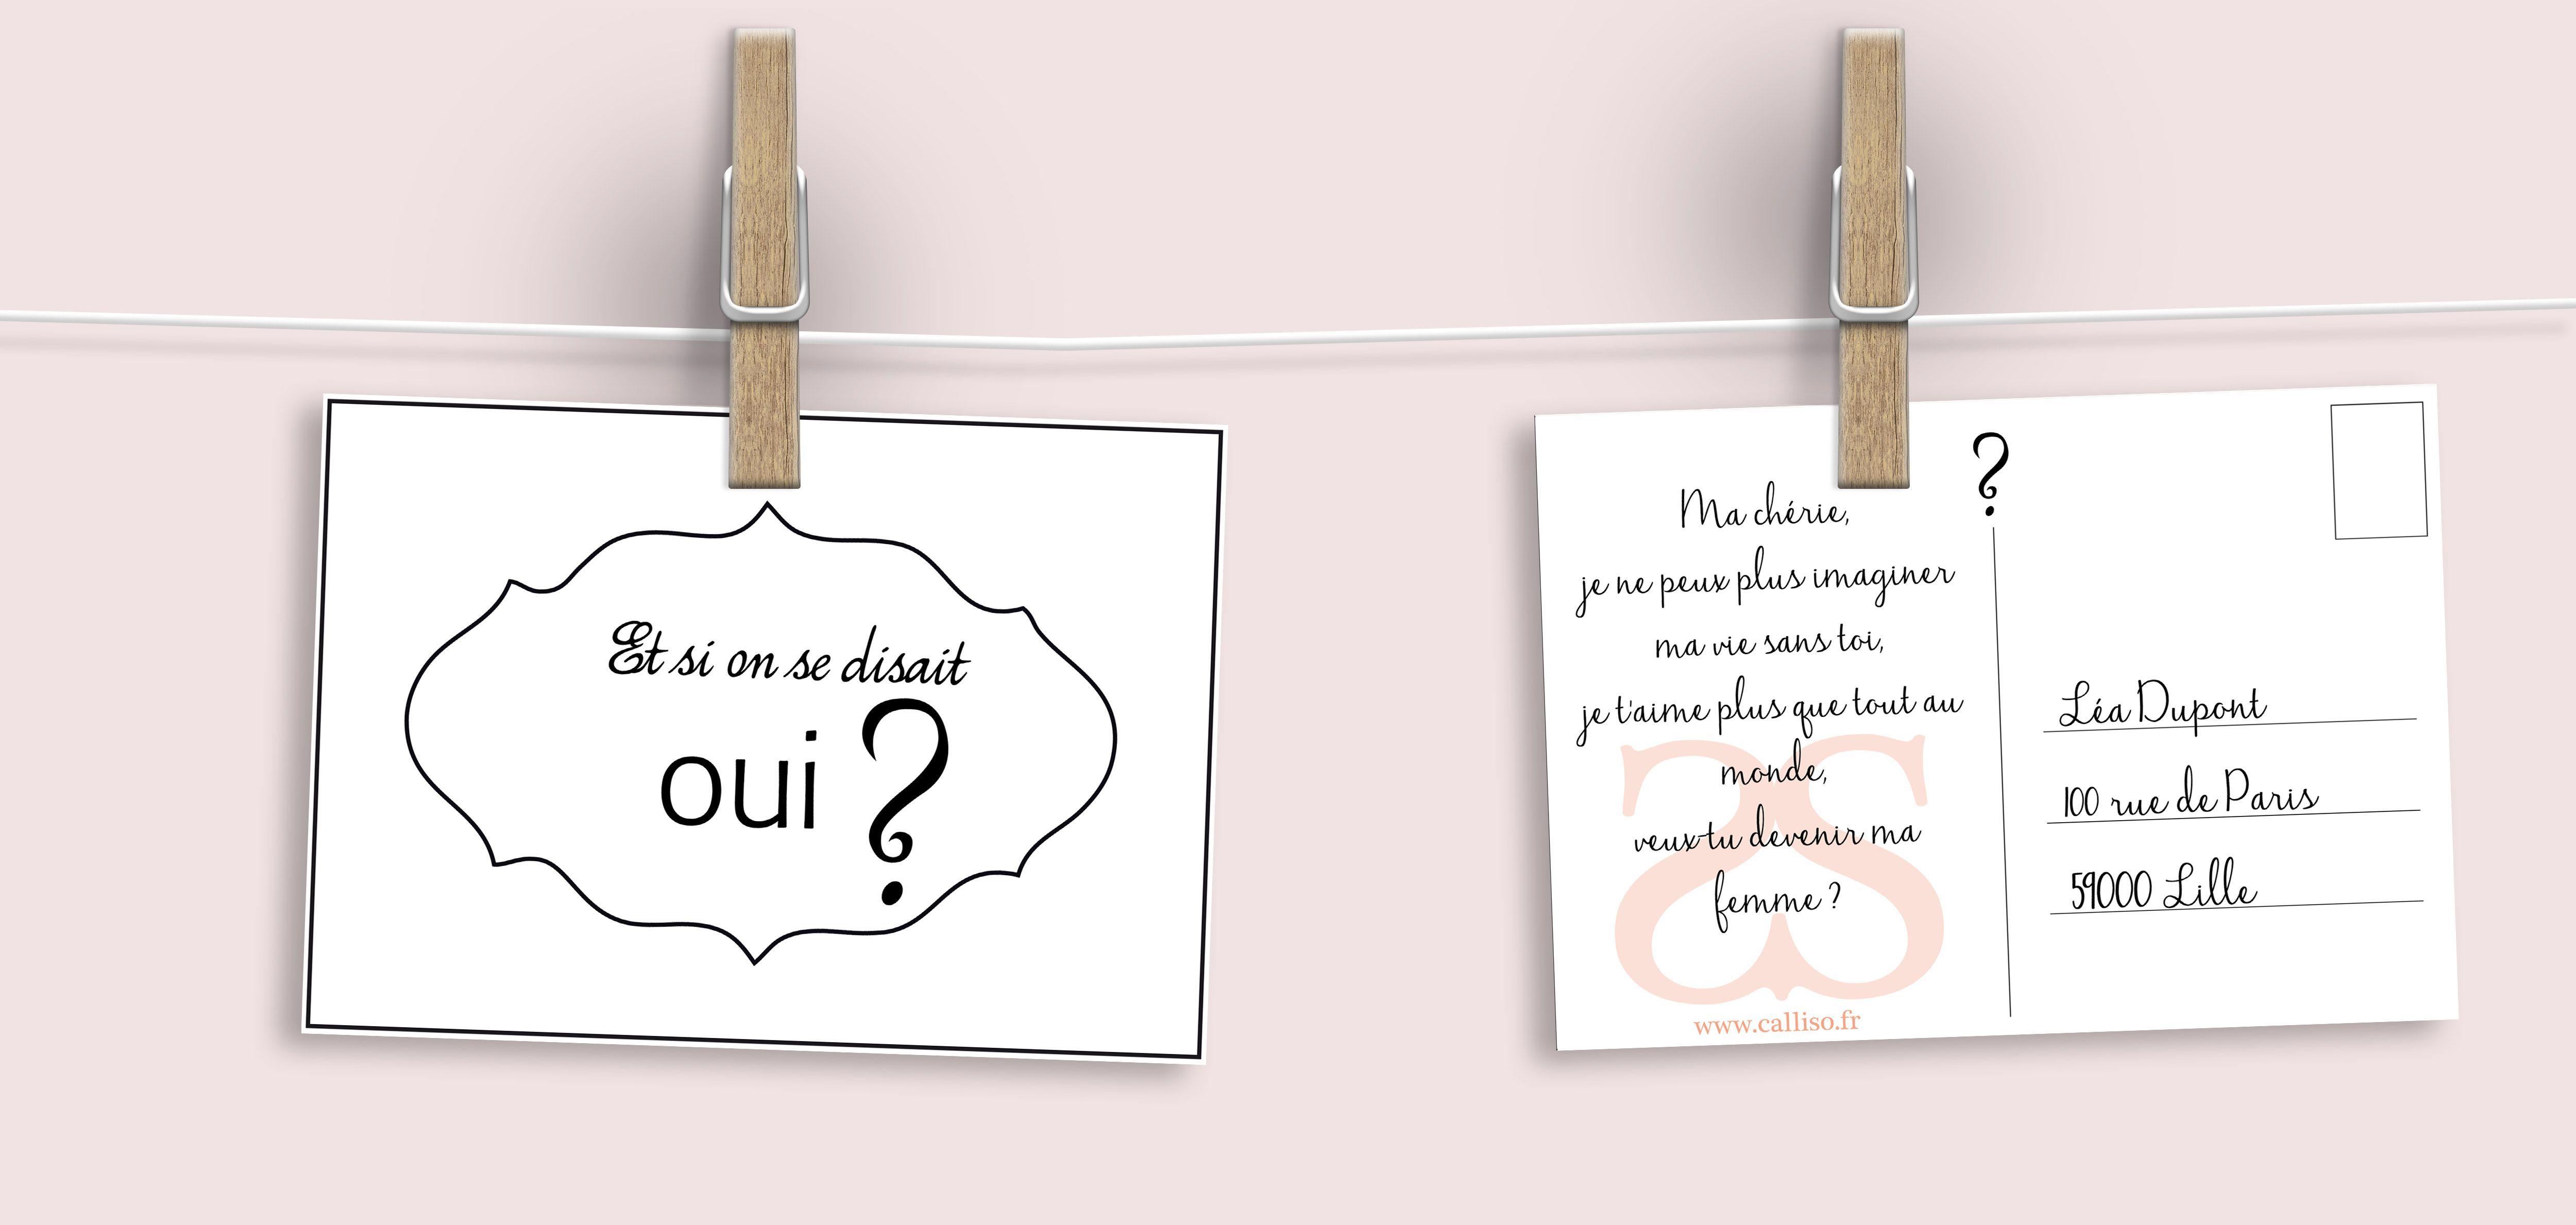 Carte Oui Calliso Amour Declaration Carte Postale